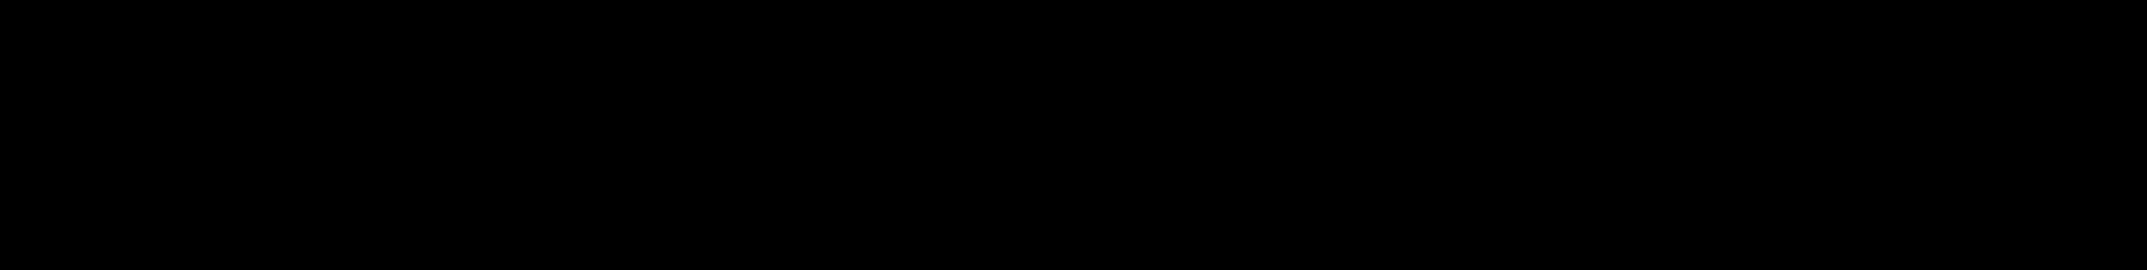 a7aaa468